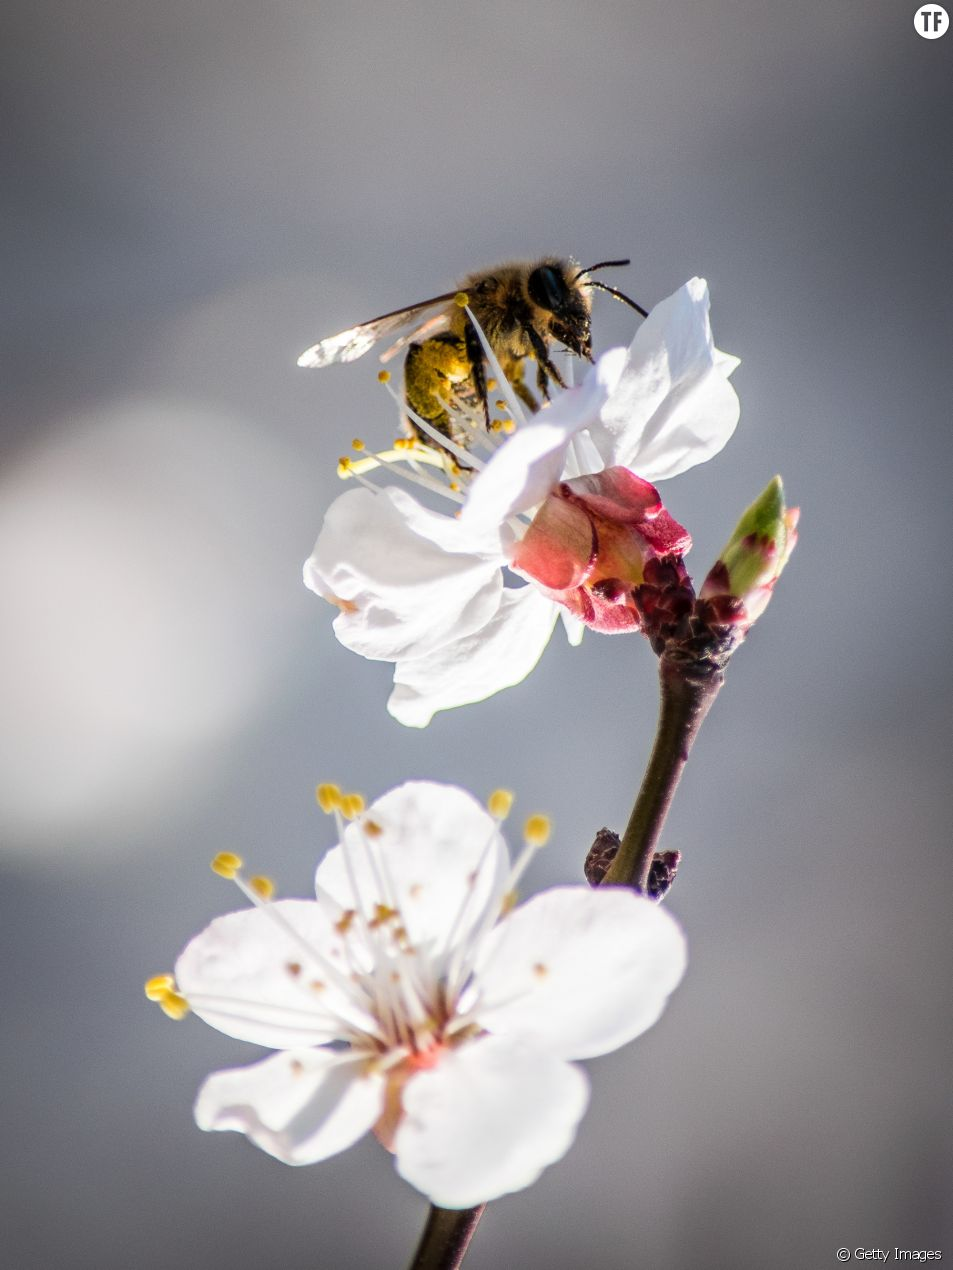 Pornhub lance BeeSexual, le nouveau genre de porno pour sauver les abeilles